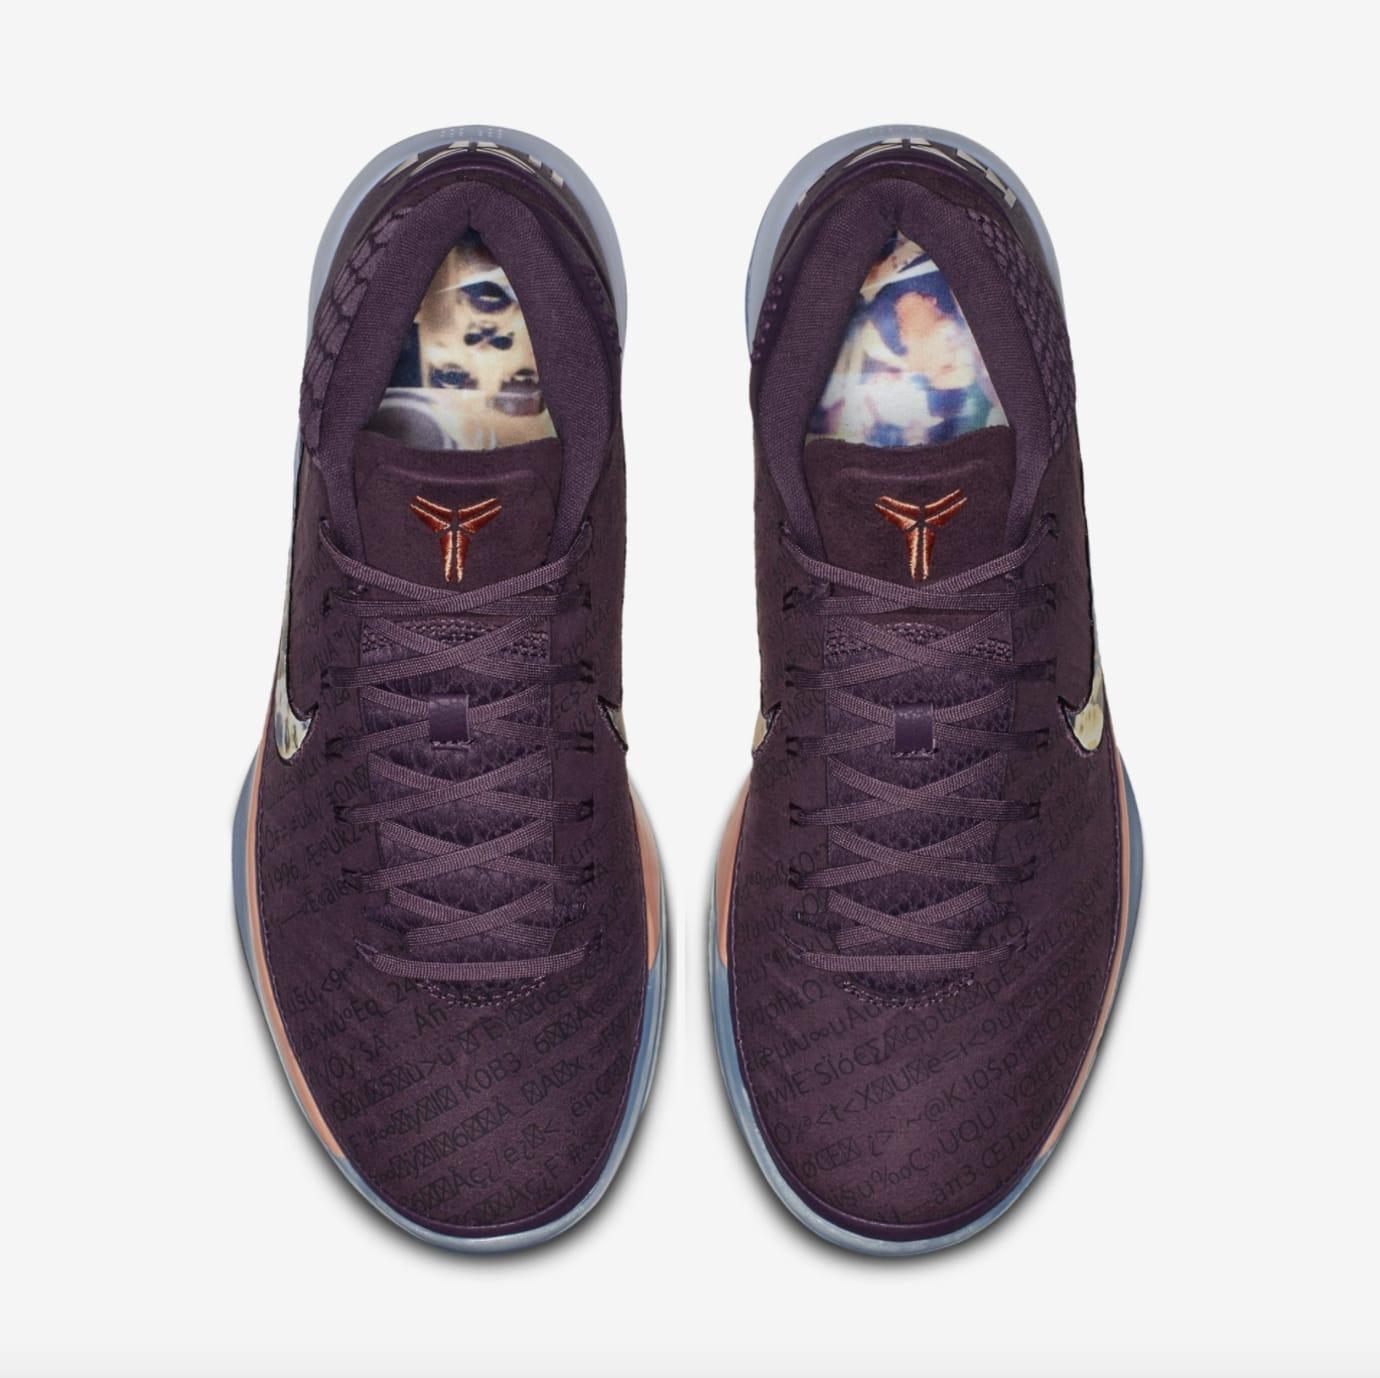 online store 4be08 1bd7f Nike Kobe A.D. Mid 'Devin Booker PE' Release Date | Sole ...